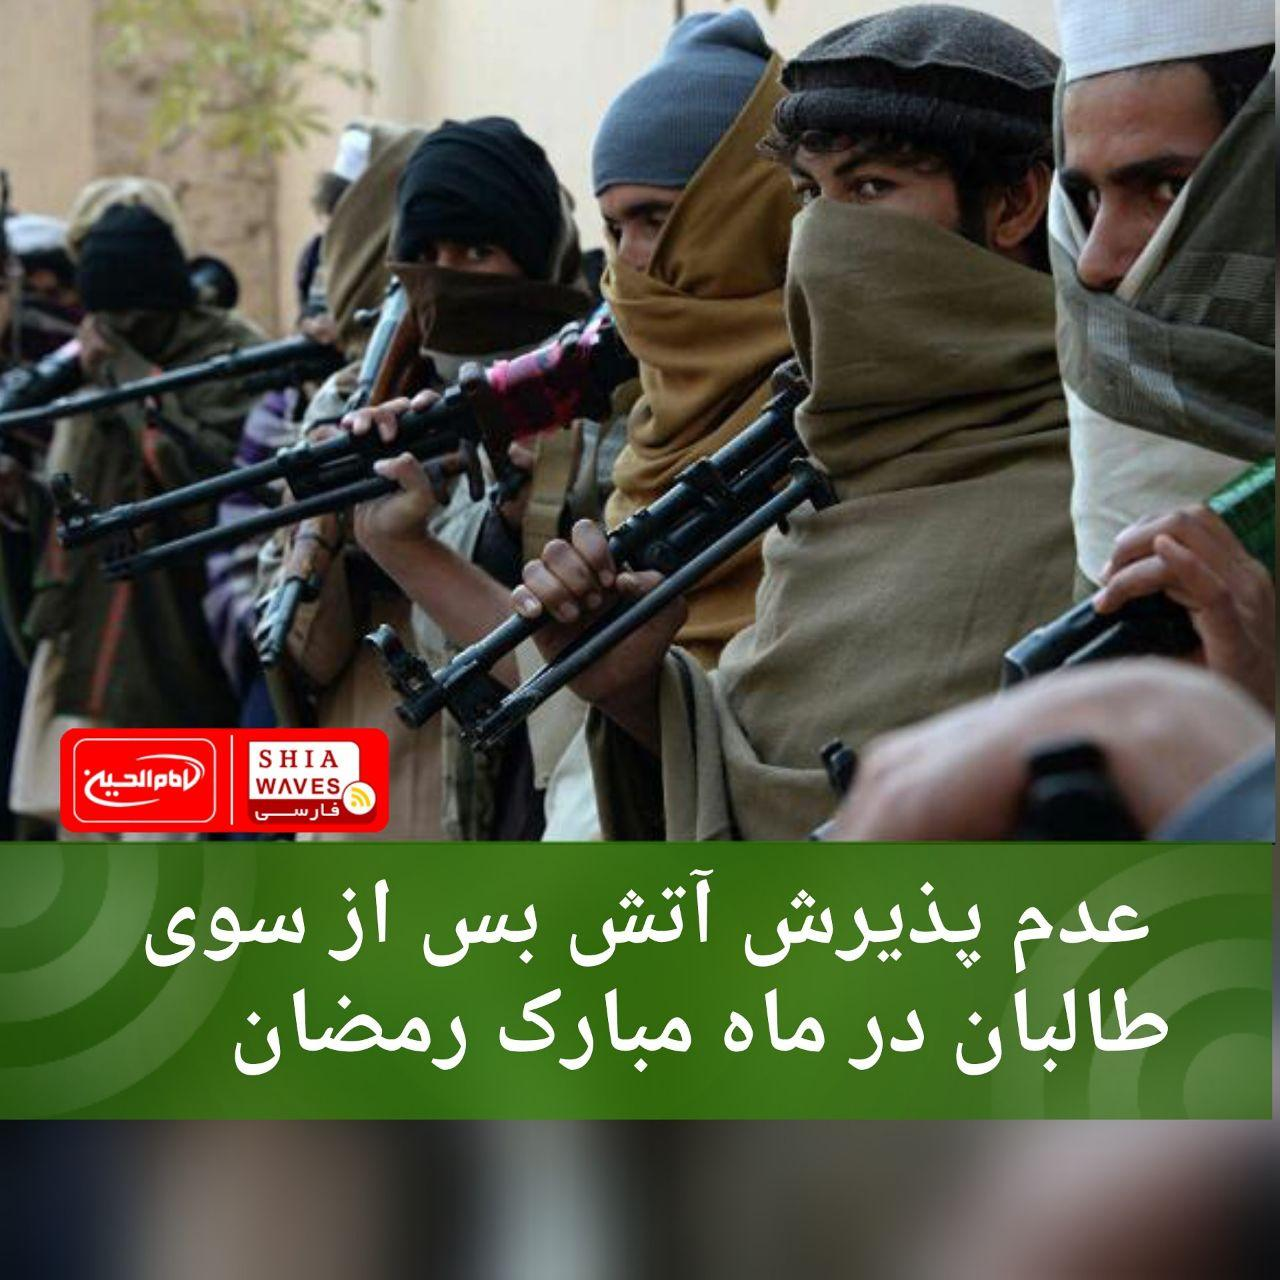 تصویر عدم پذیرش آتش بس از سوی طالبان در ماه مبارک رمضان